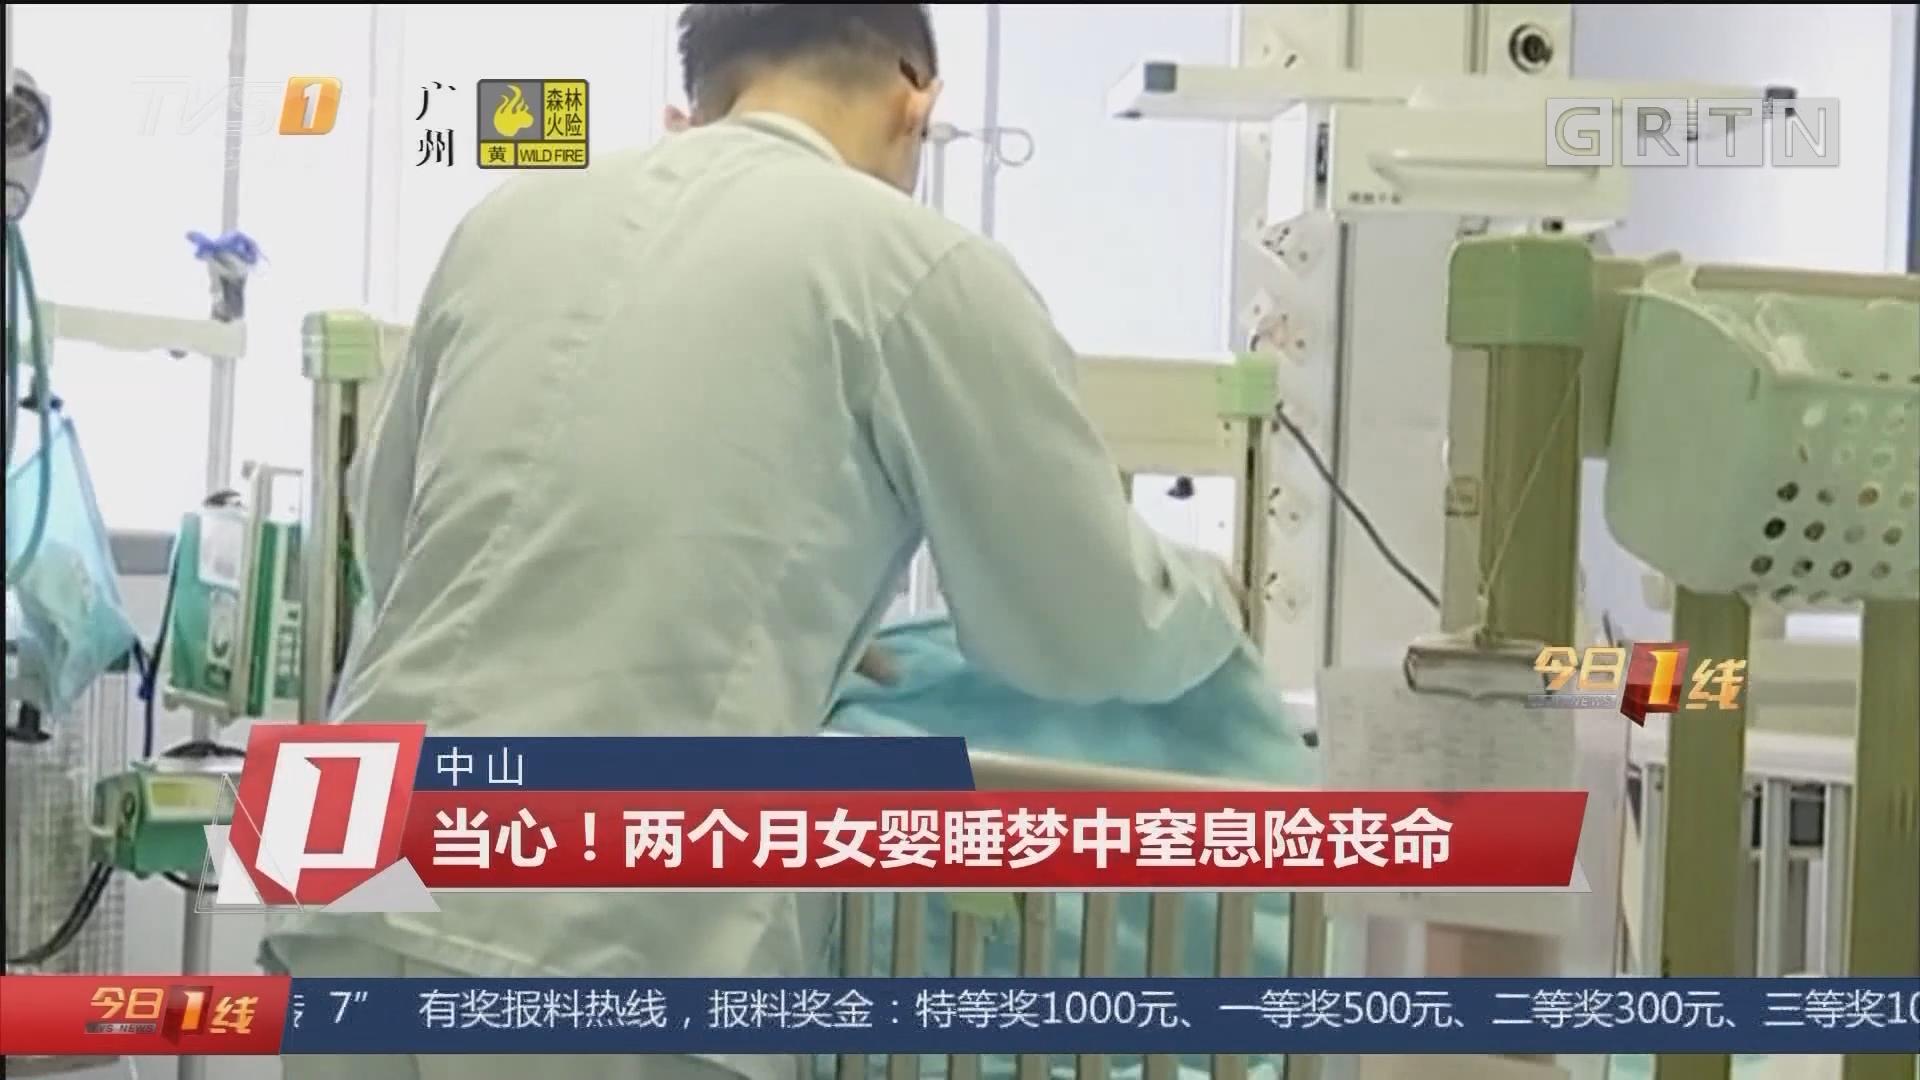 中山:当心!两个月女婴睡梦中窒息险丧命